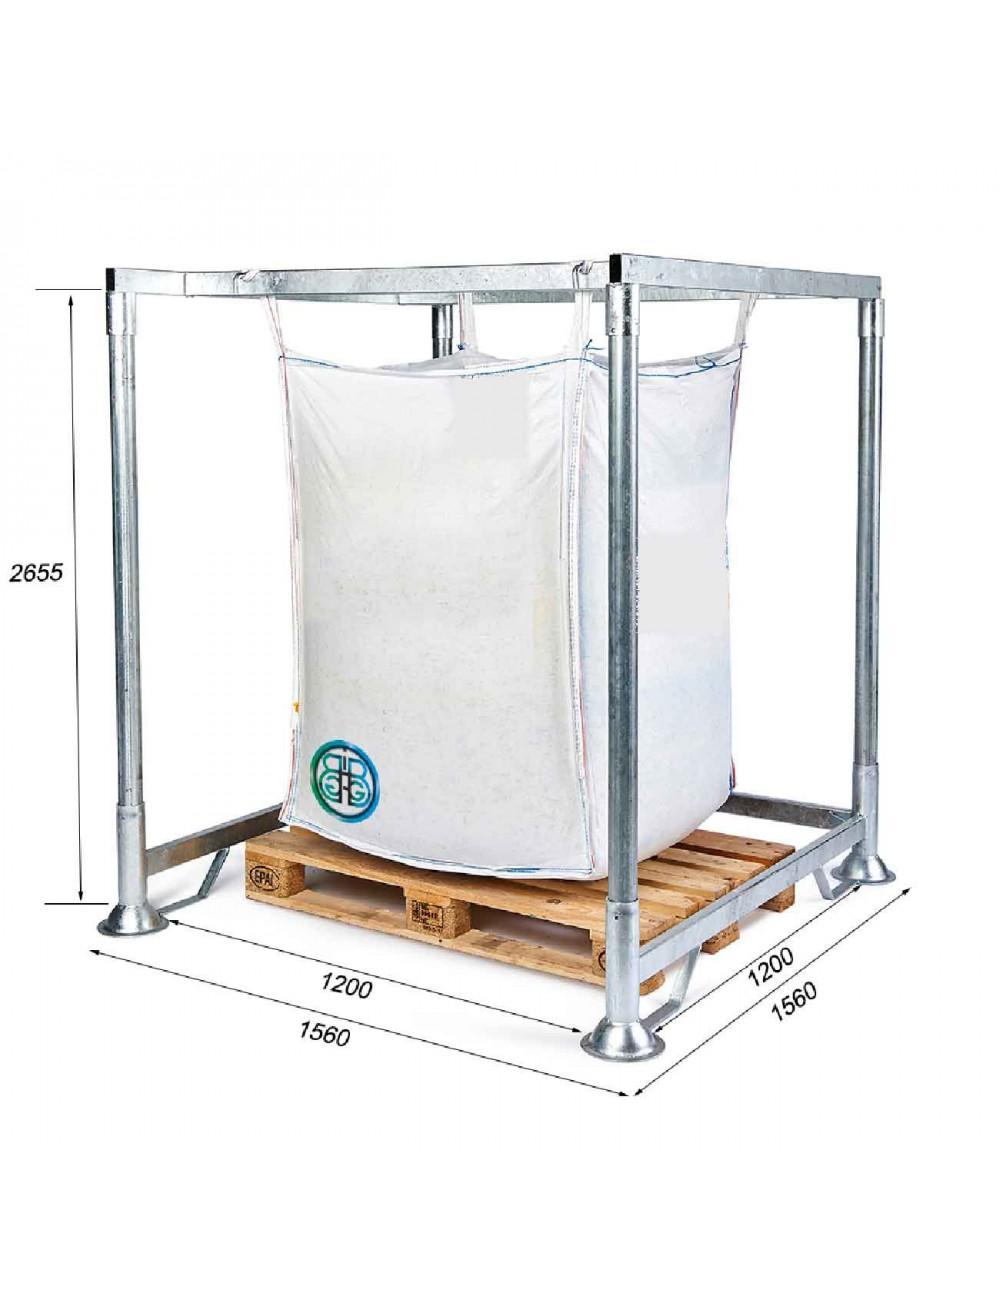 Portaborse Big Bag con ingresso pallet Altezza 265,5 cm